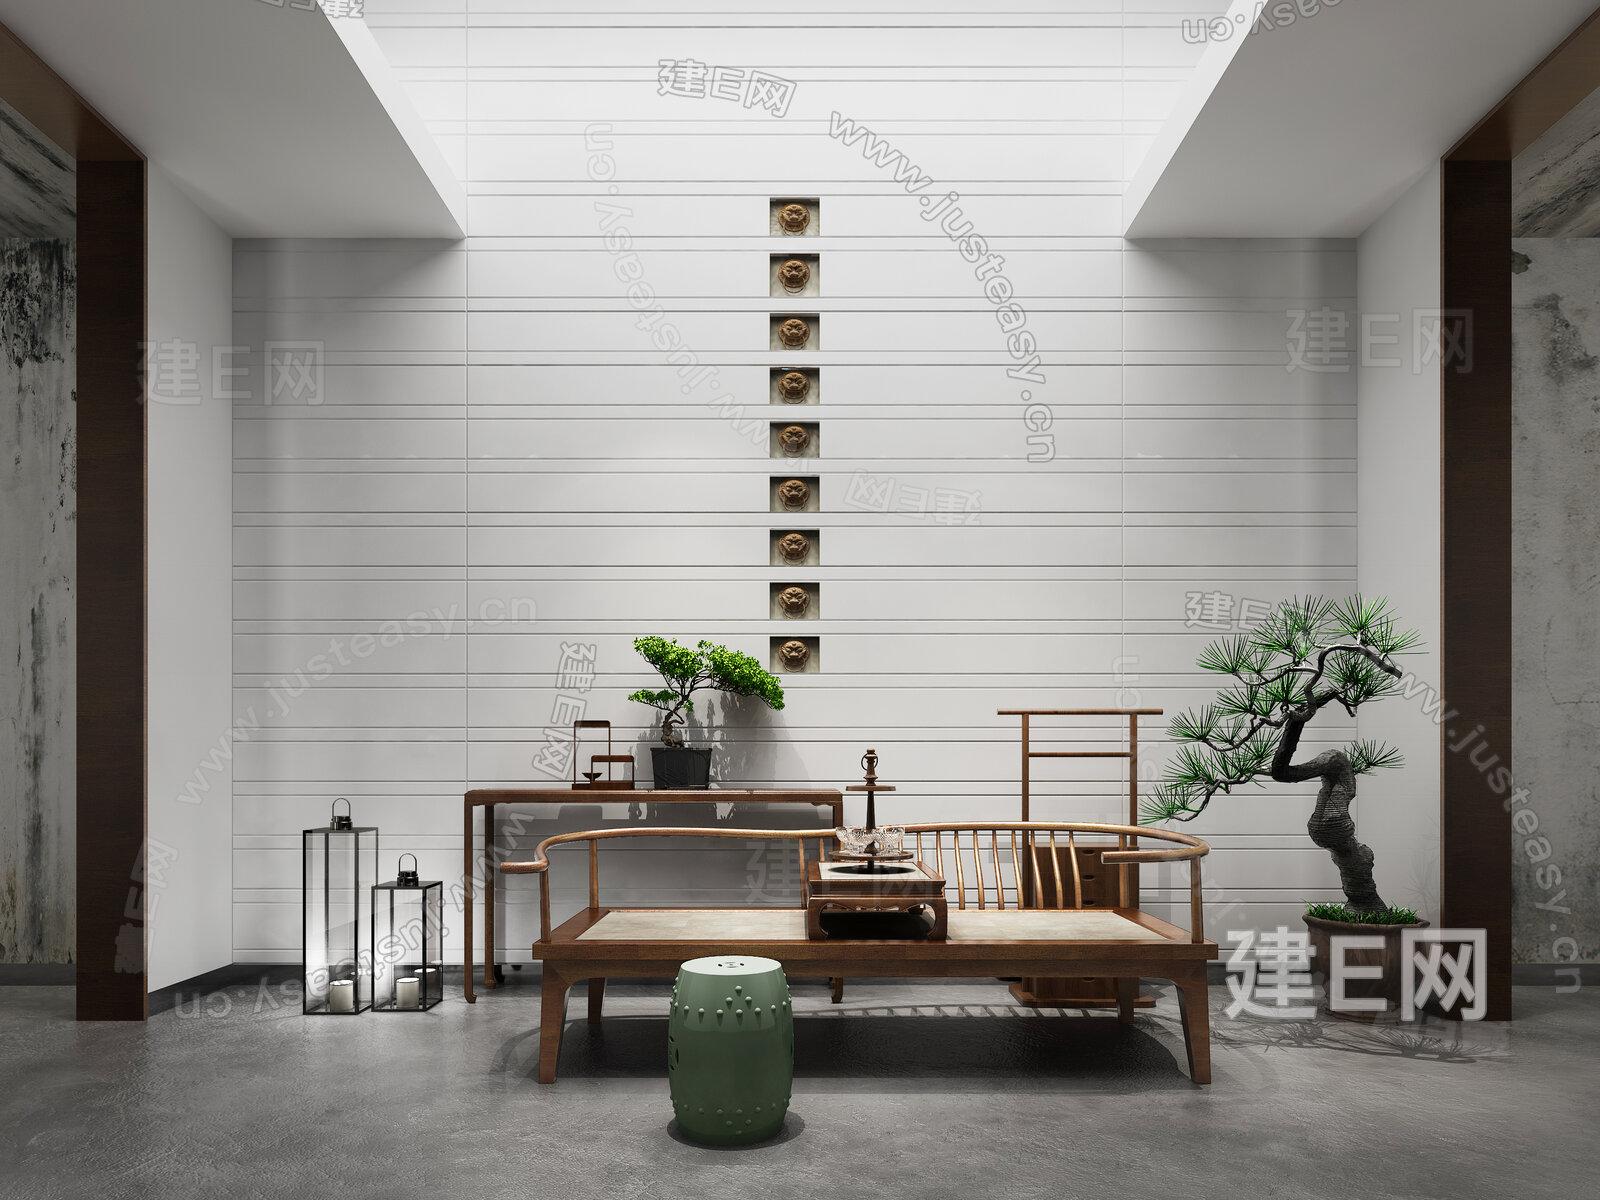 新中式端景台休闲椅组合3d模型下载[id:132695]